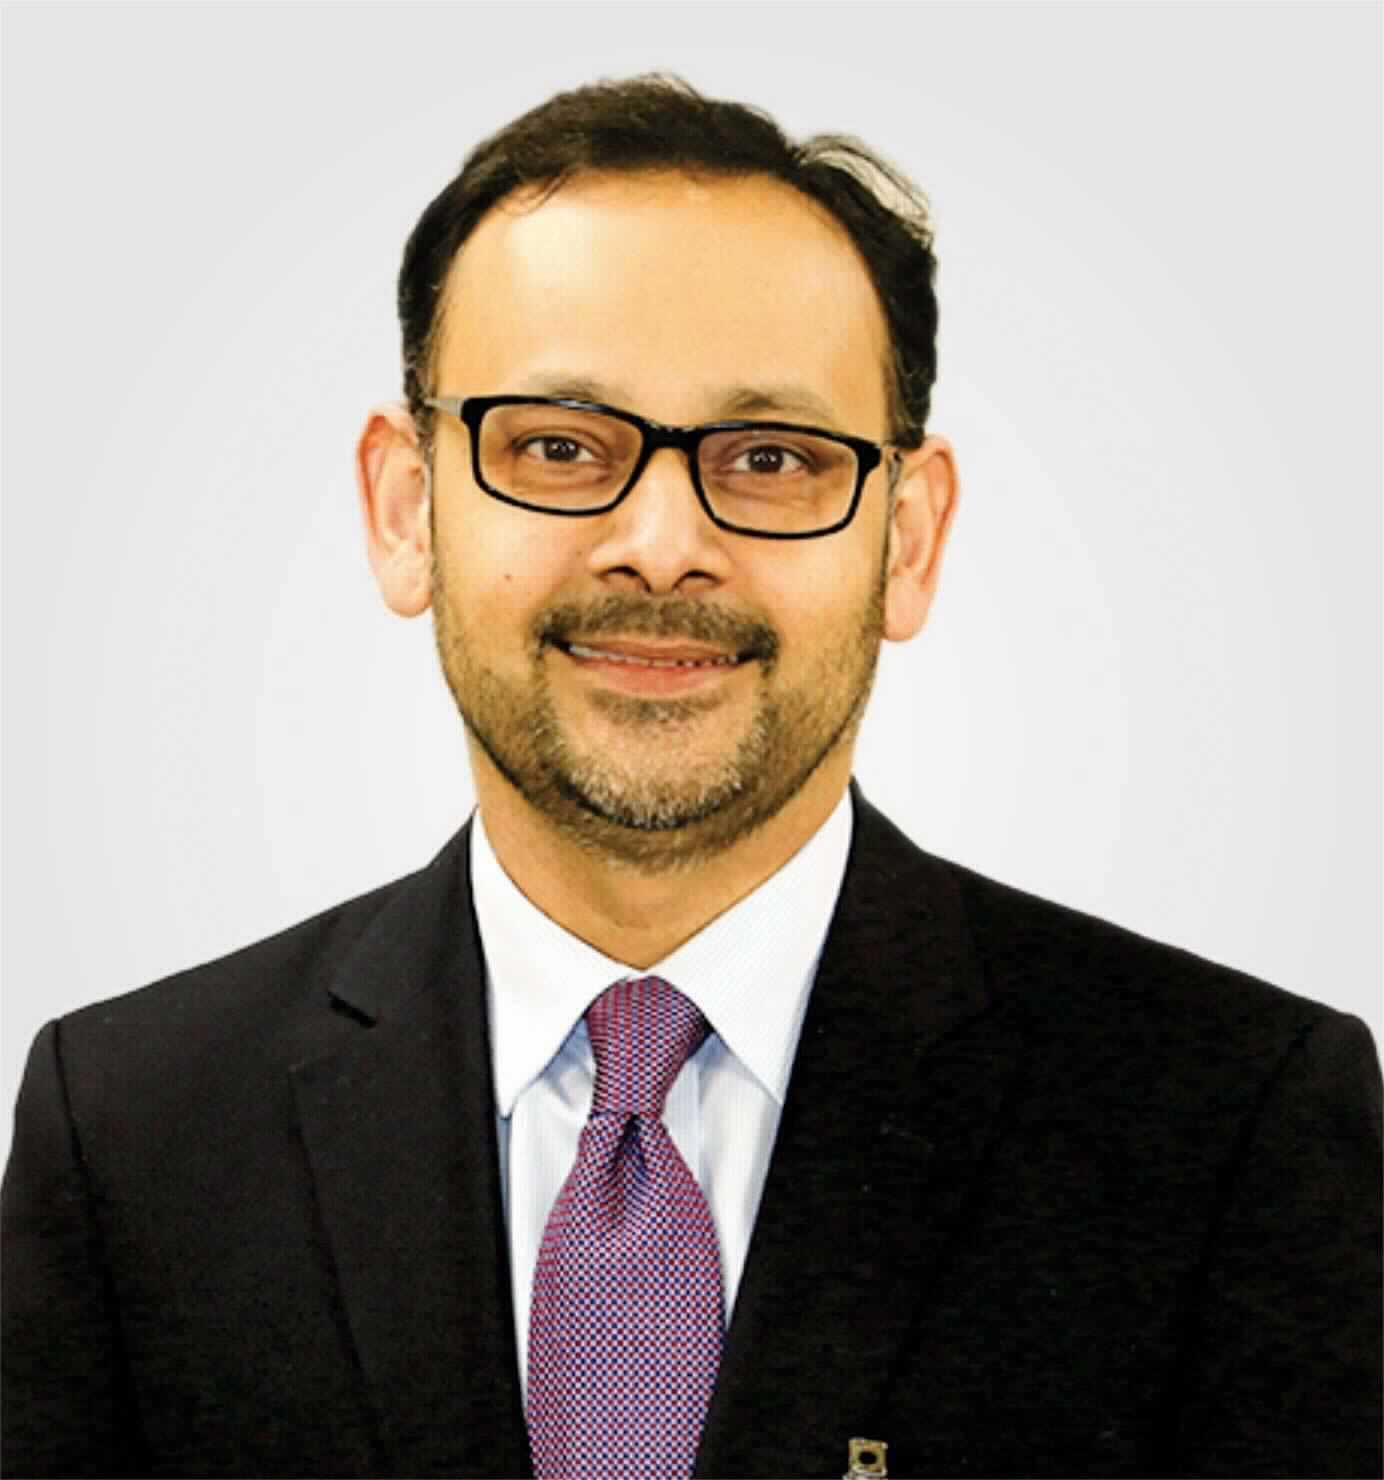 Danyal Hassan